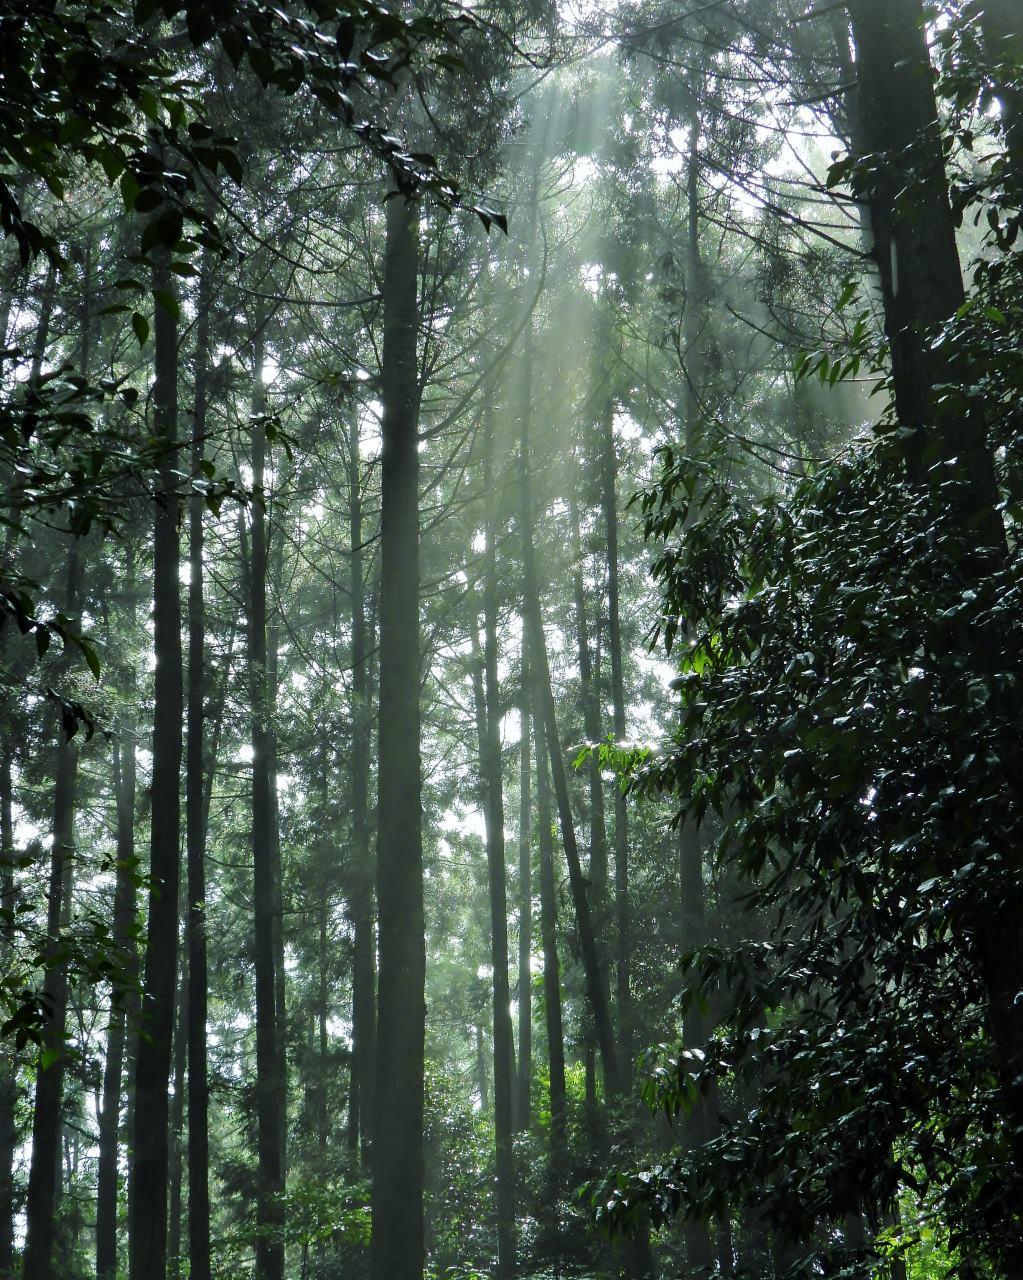 箕輪城跡で 通り雨と雨上がり_c0305565_17293047.jpg